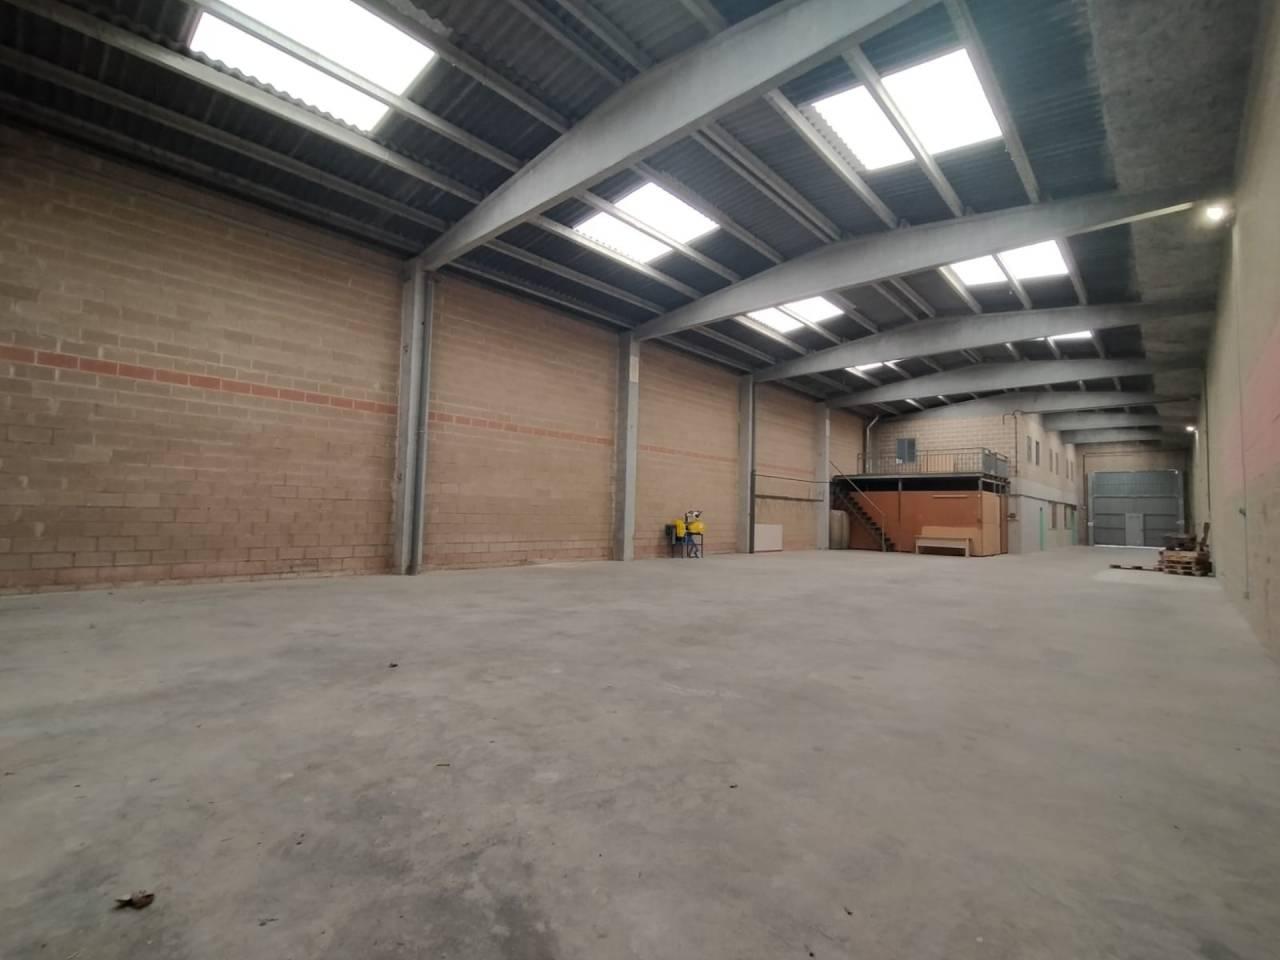 Miete Fabrikhalle  La balconada-cal gravat. Nave industrial de 480m2 y un patio de 100m2.hay oficinas en dos